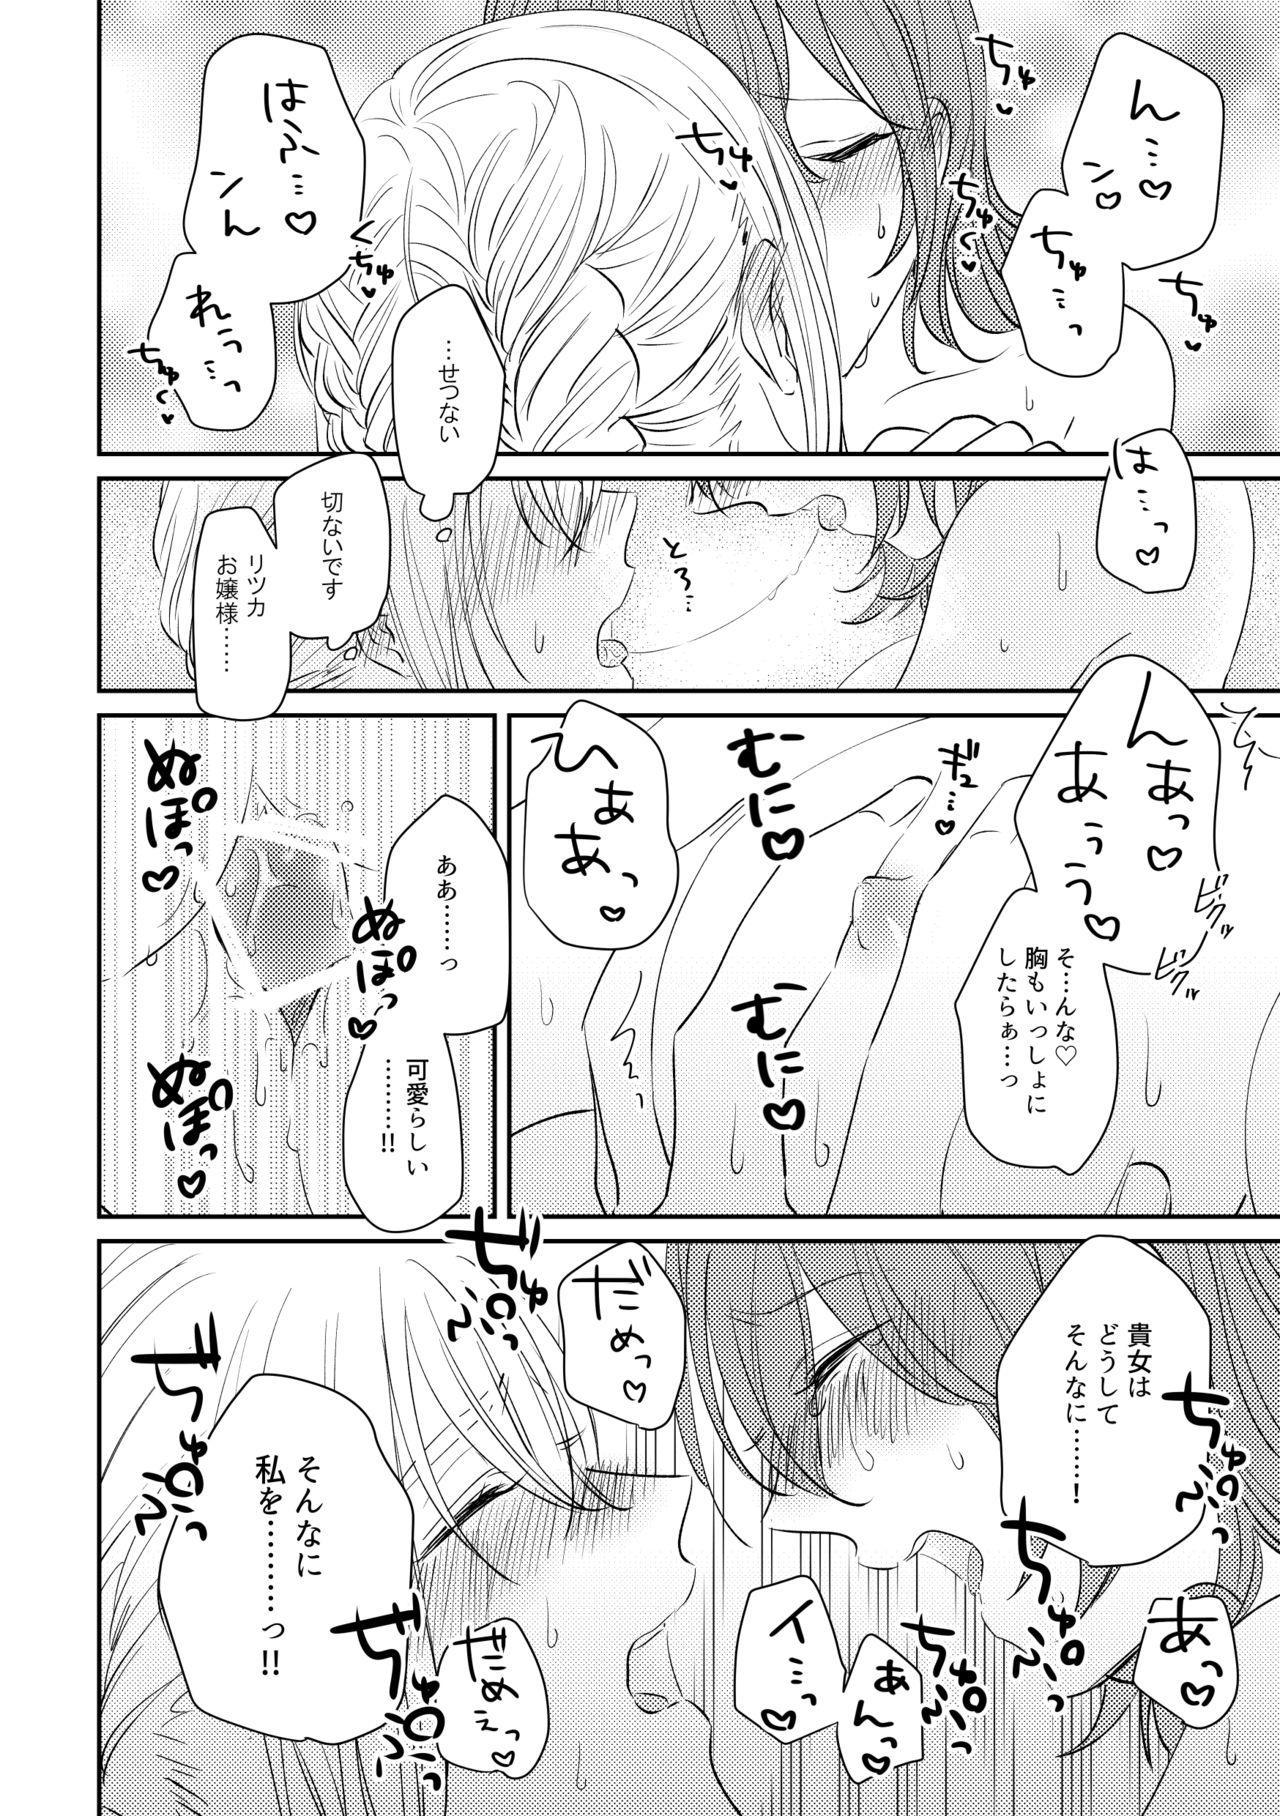 ojōsama o watashi ni kudasai[fate/Grand Order) 20